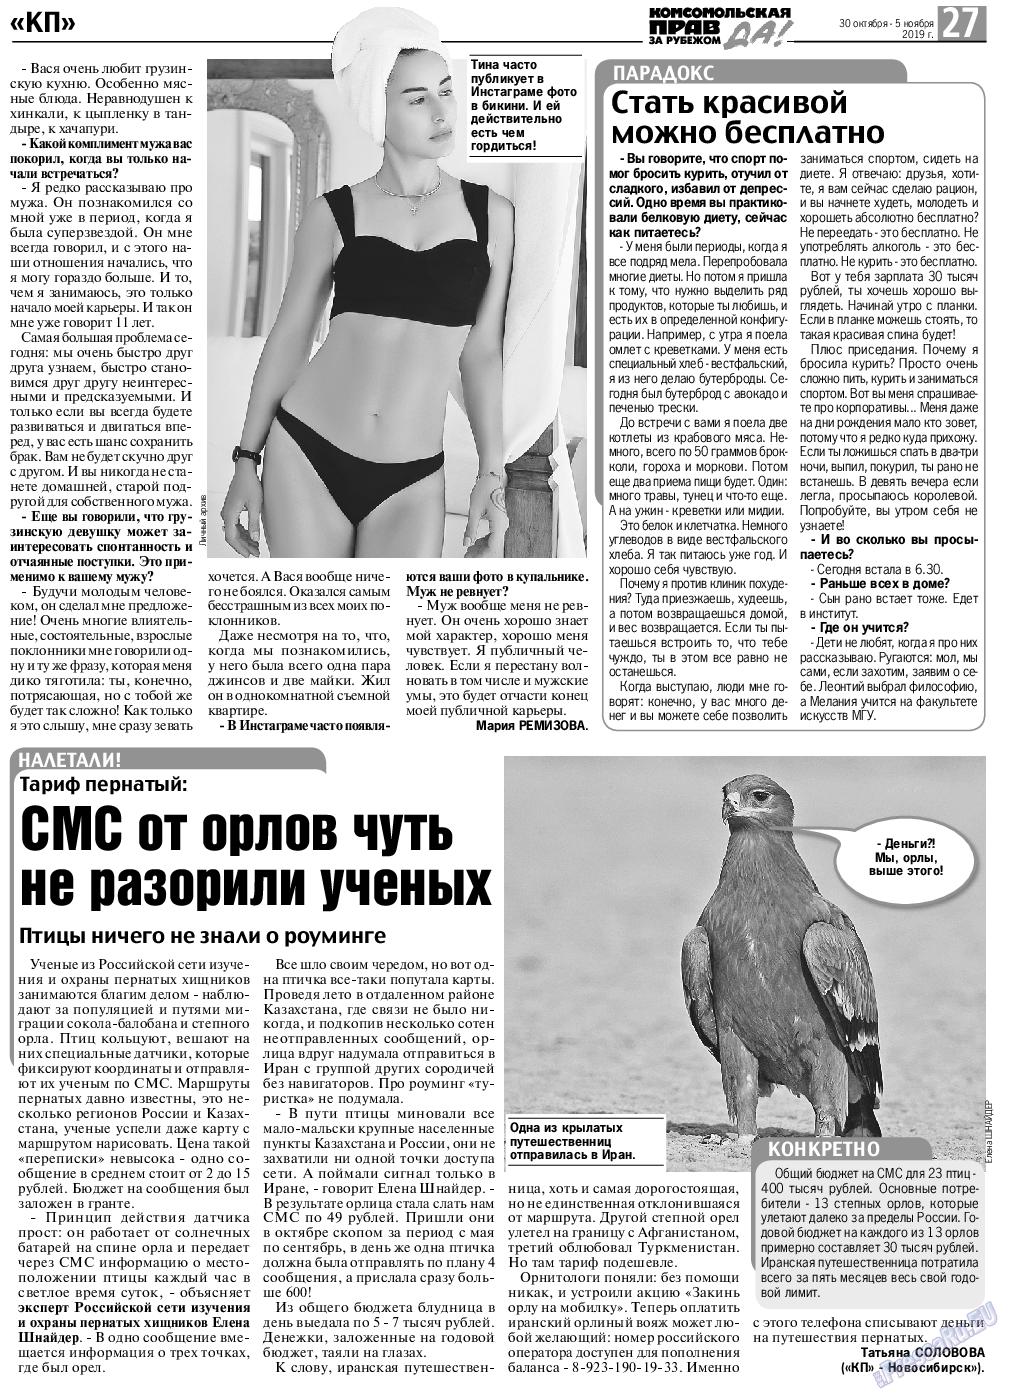 КП в Европе (газета). 2019 год, номер 44, стр. 27